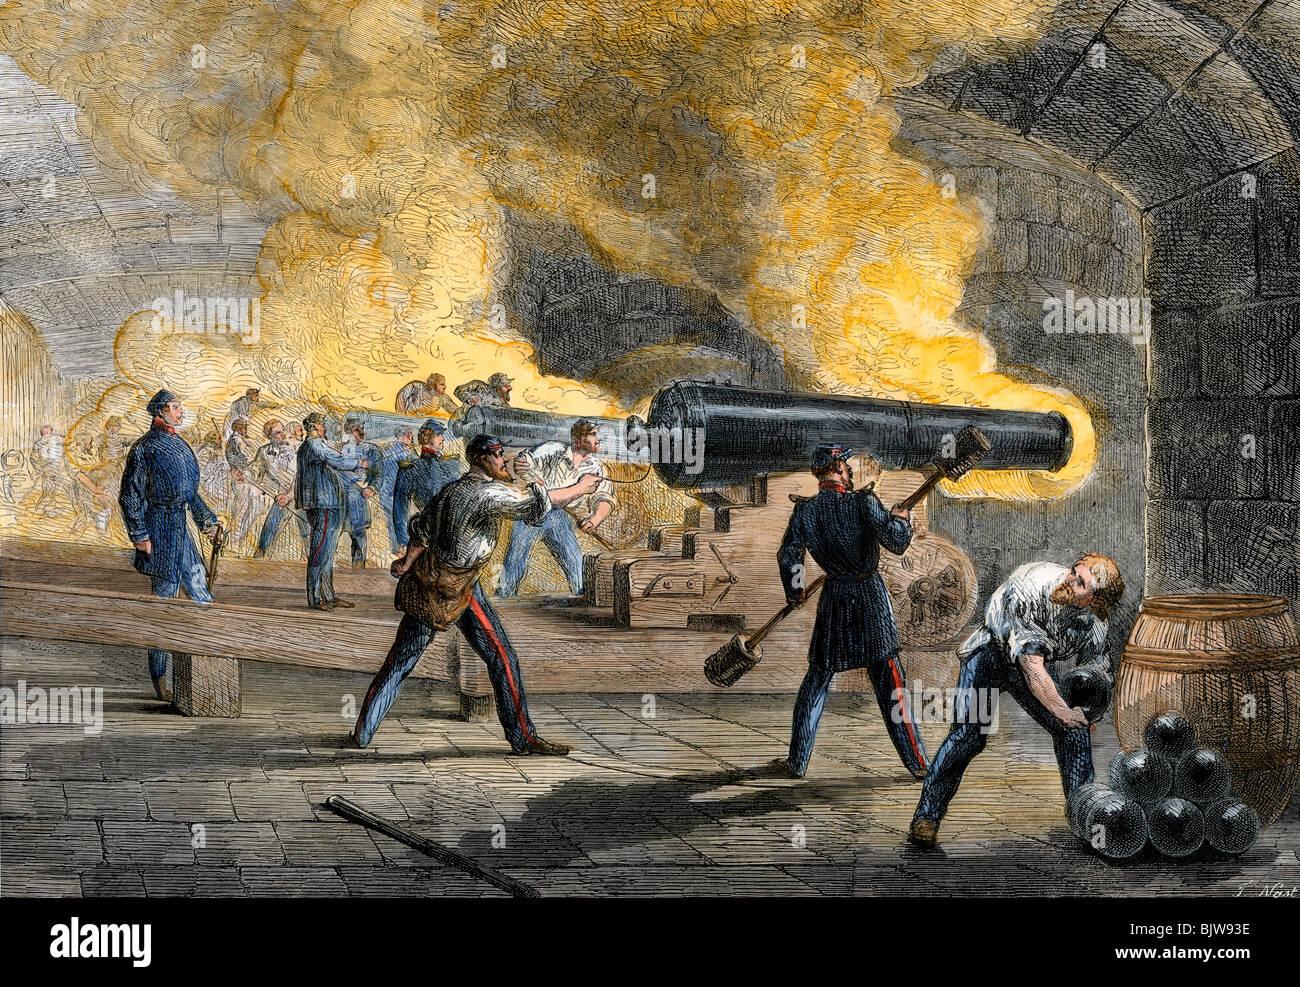 Grandes armas de Fort Sumter retornando fogo de Fort Moultrie no início da Guerra Civil, 1861 Imagens de Stock